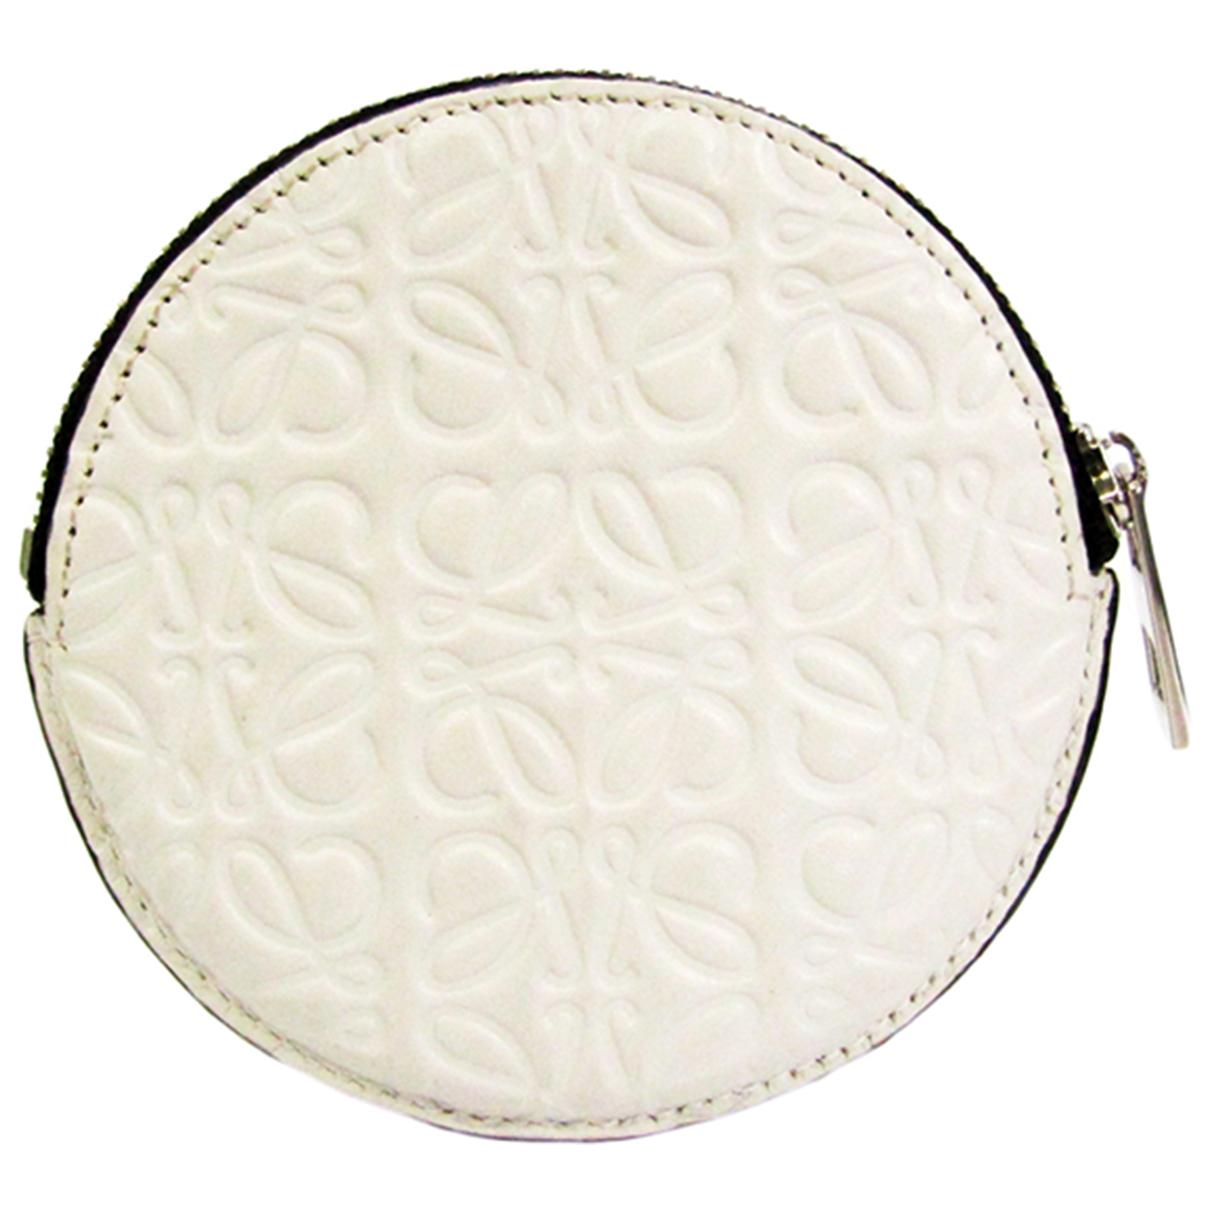 Loewe N White Leather wallet for Women N